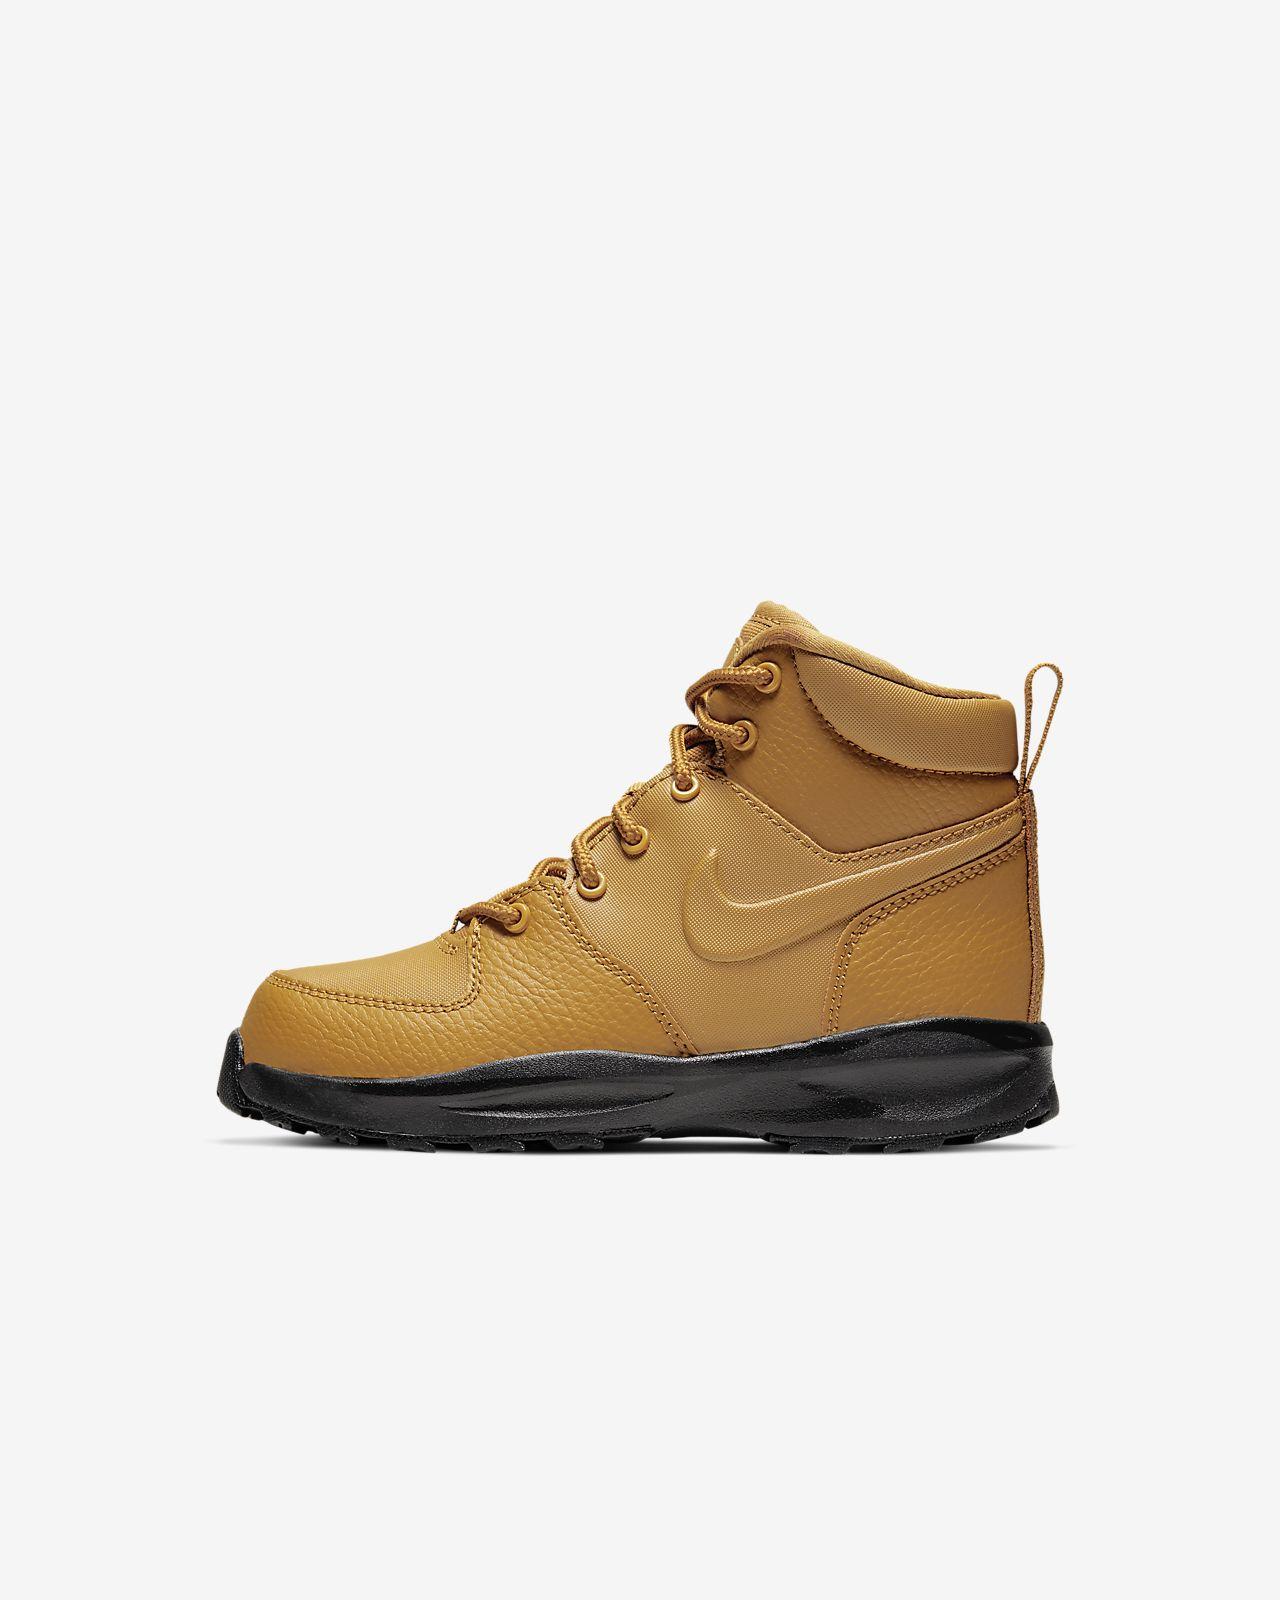 Buty dla małych dzieci Nike Manoa